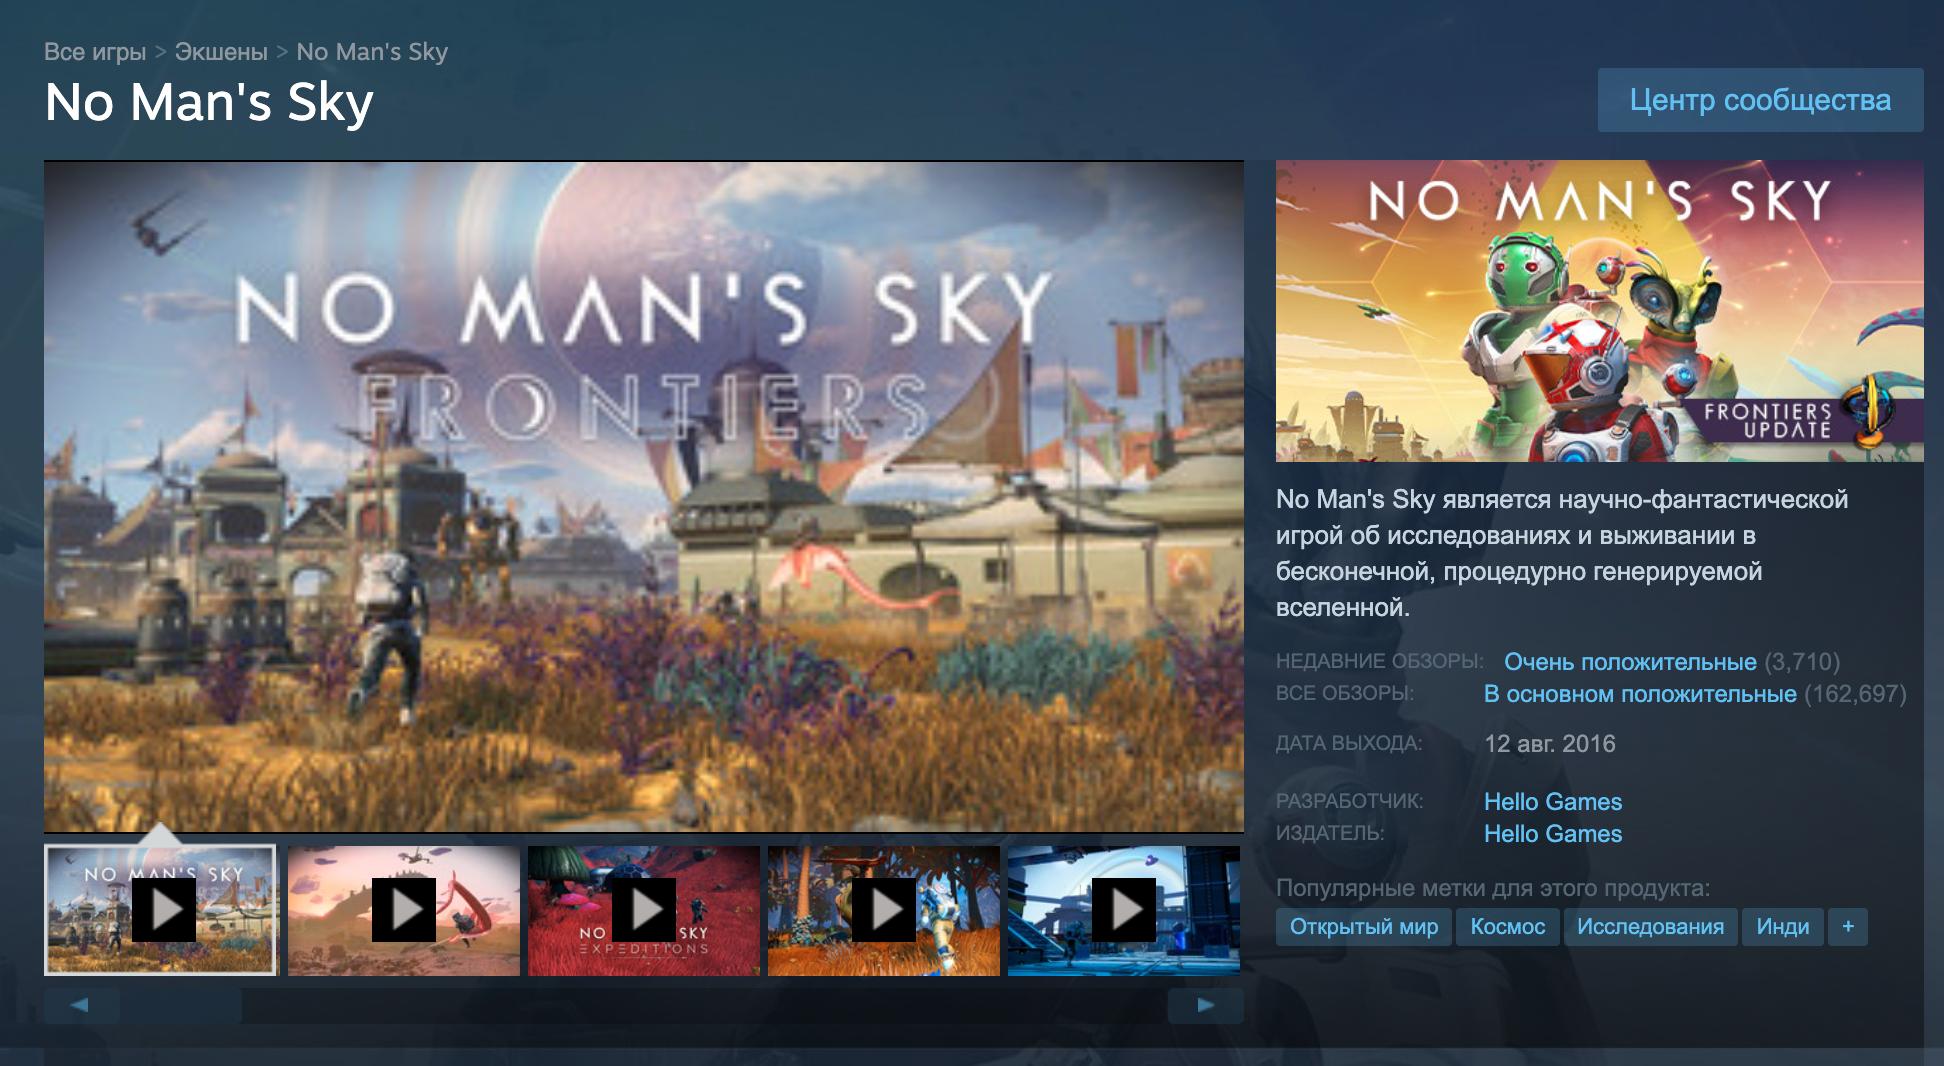 У No Man's Sky в Steam в основном положительные отзывы впервые с релиза